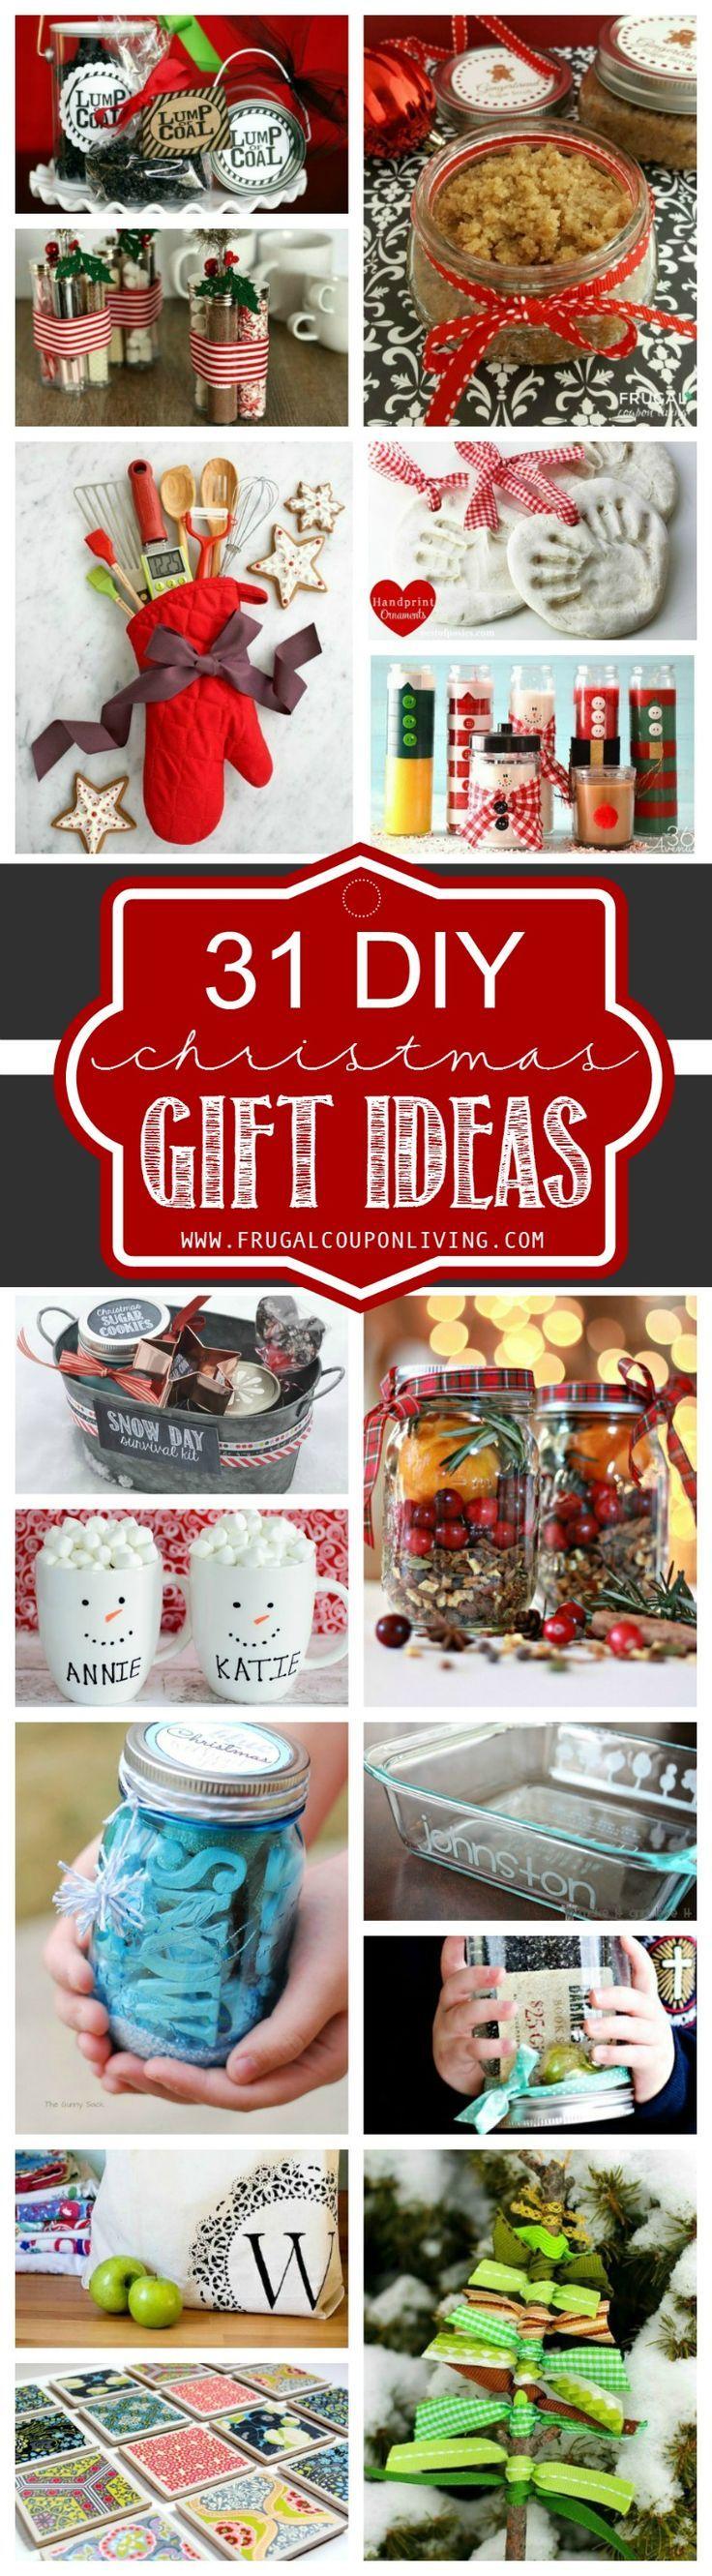 31 DIY Christmas Gift Ideas on Frugal Coupon Living. Homemade Christmas Gift Ide...